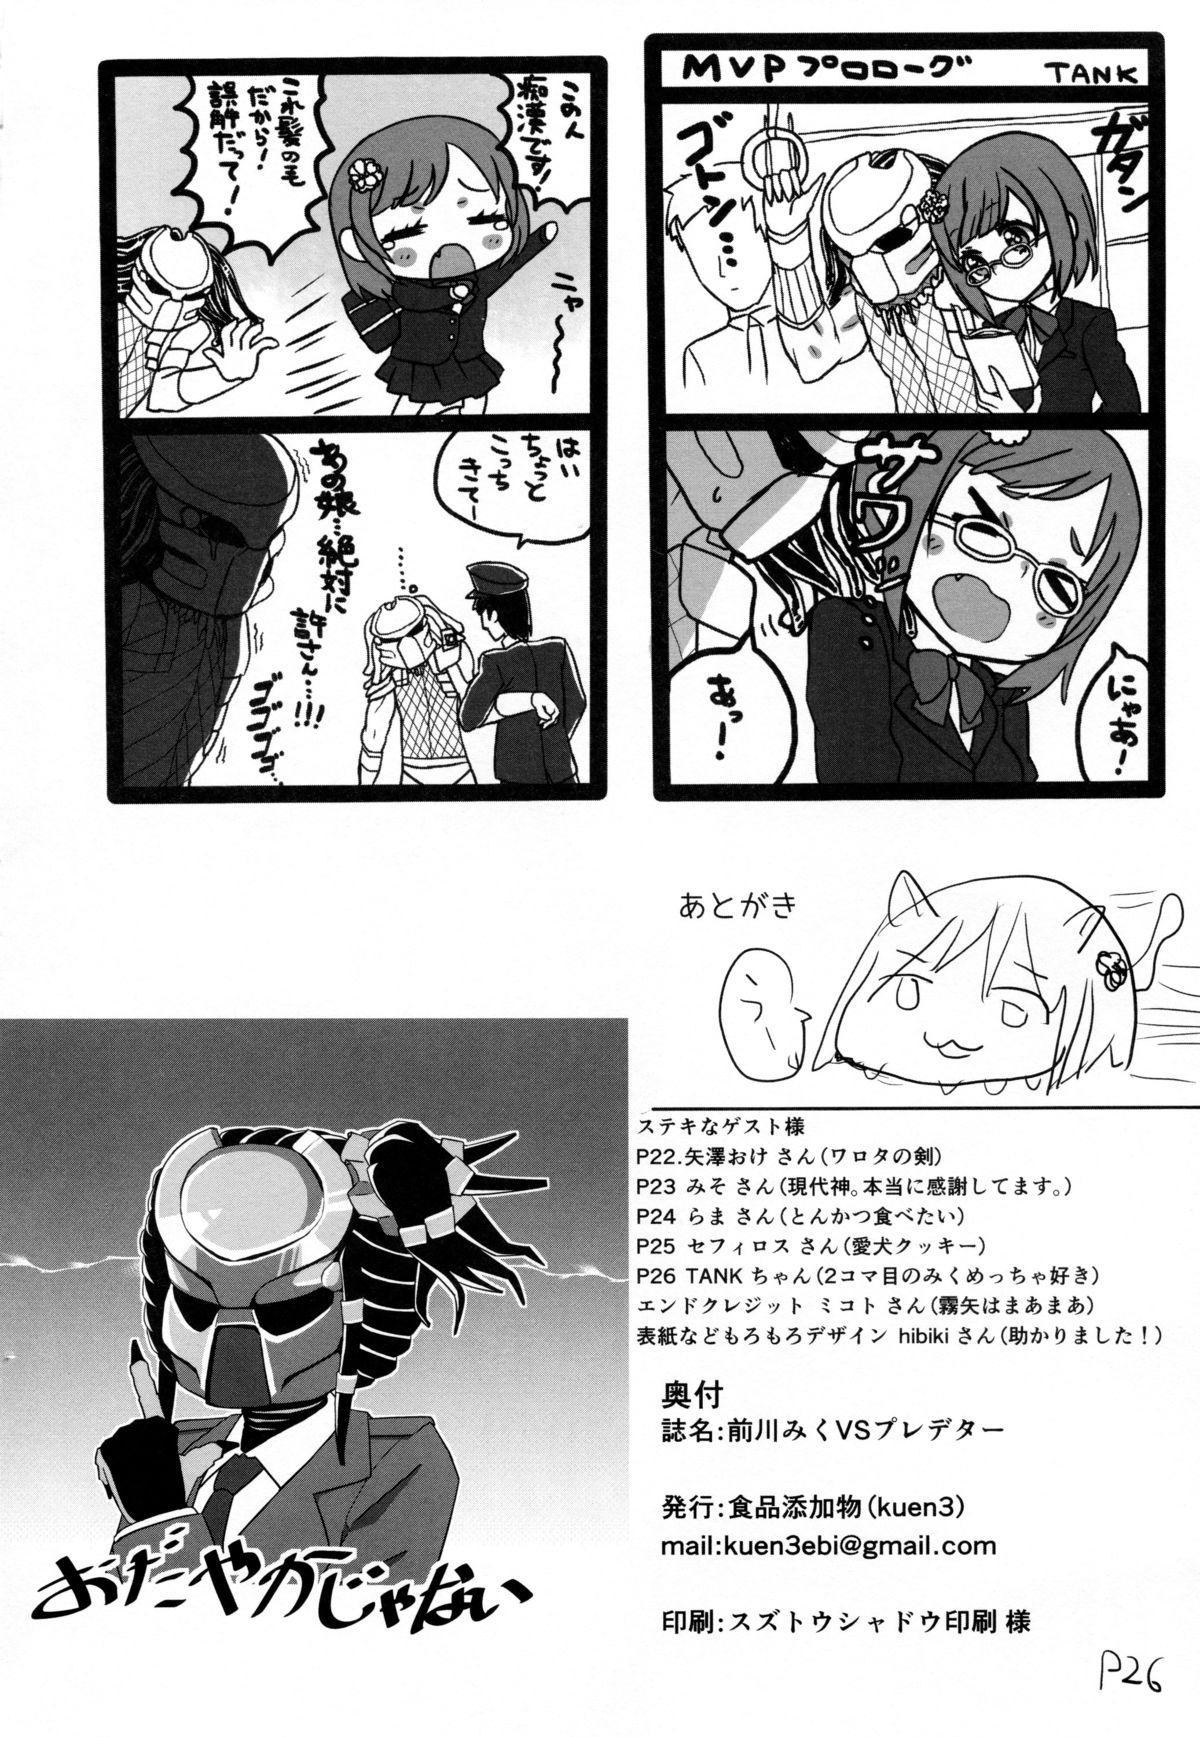 Maekawa Miku vs Predator 24